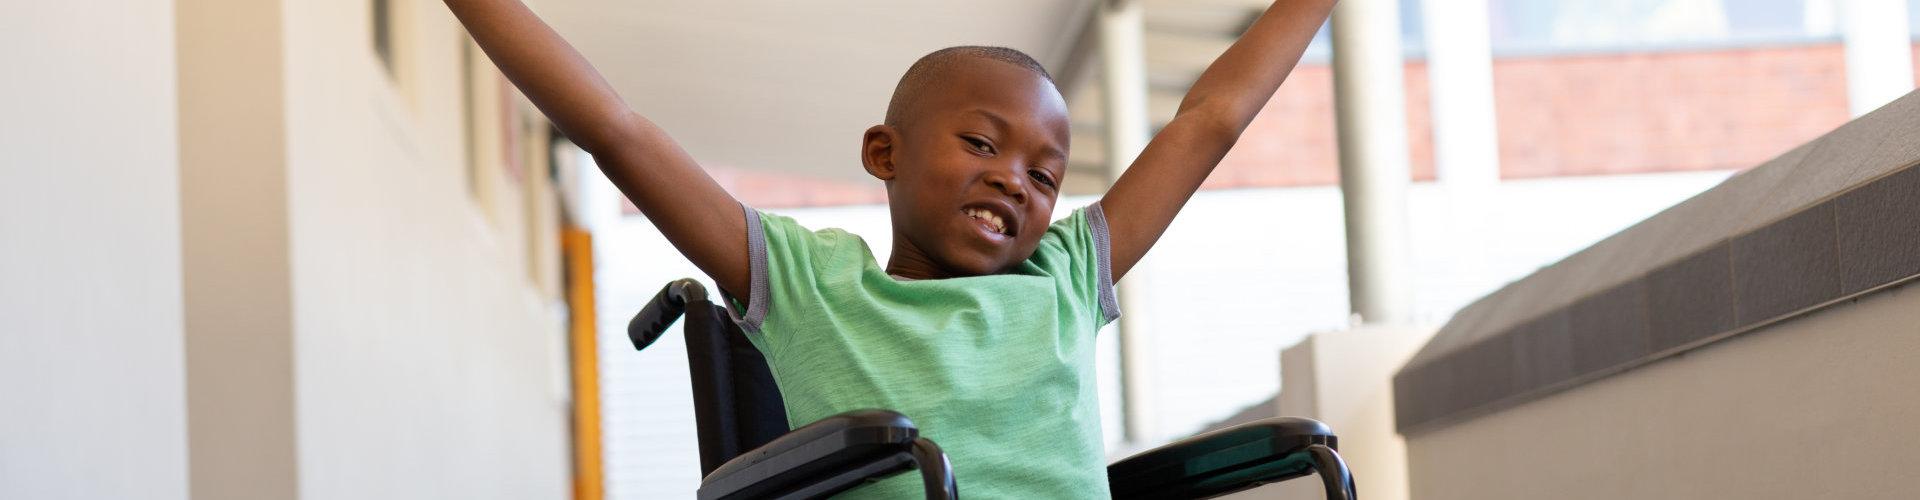 boy on a wheelchair